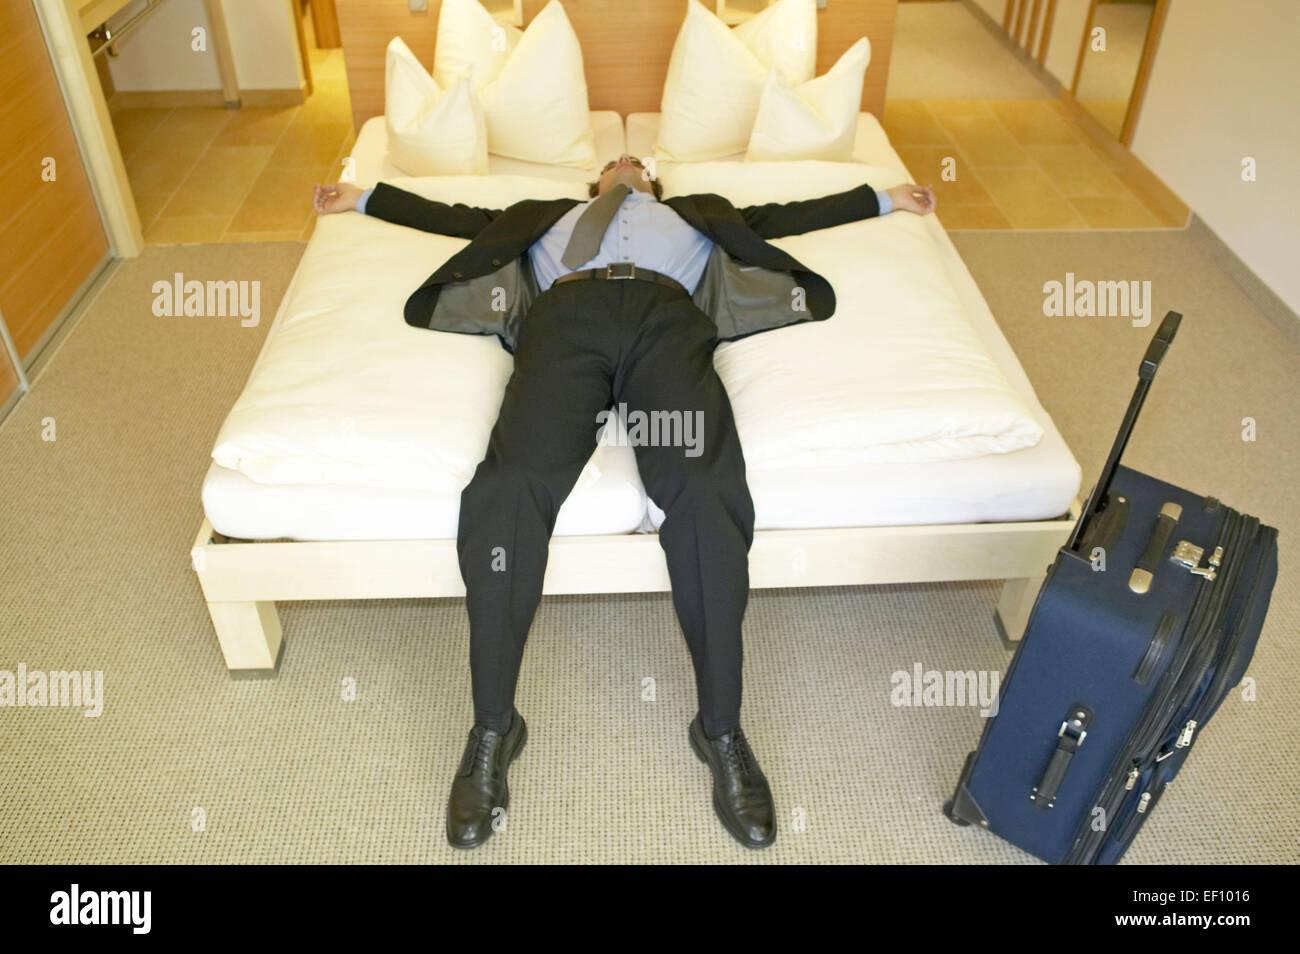 hotelzimmer mann koffer anzug liegen bett erschoepft muede kaputt stockfoto lizenzfreies bild. Black Bedroom Furniture Sets. Home Design Ideas